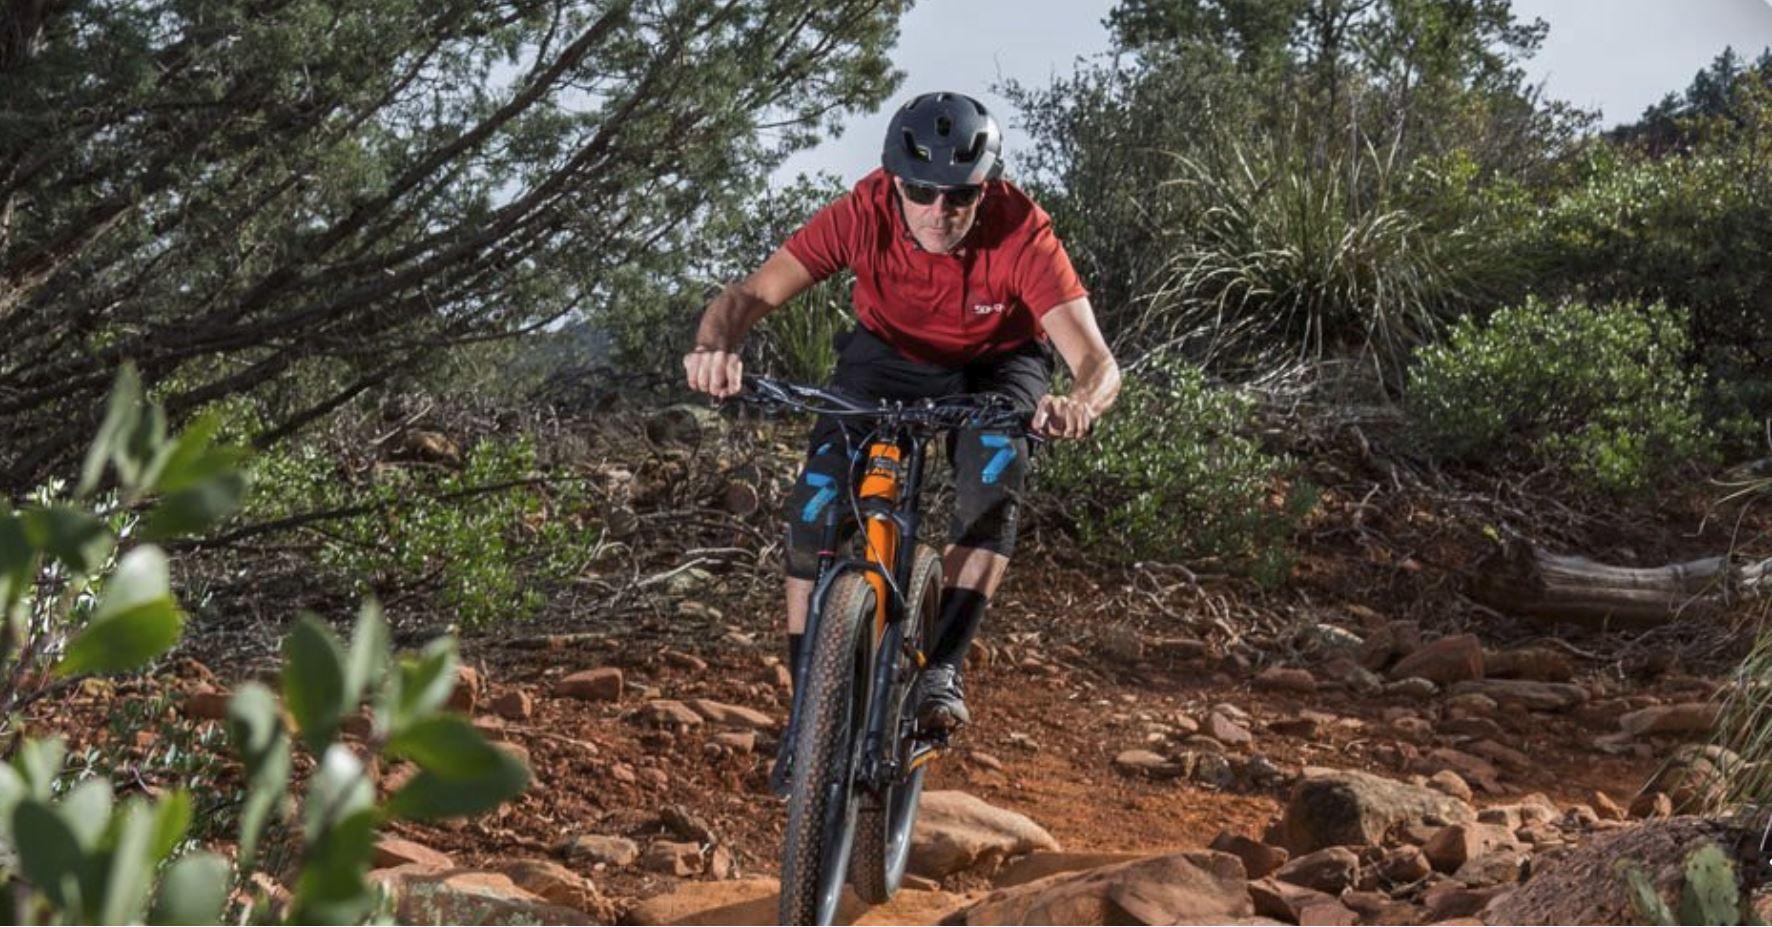 Haro Dual Suspension Mountain Bikes